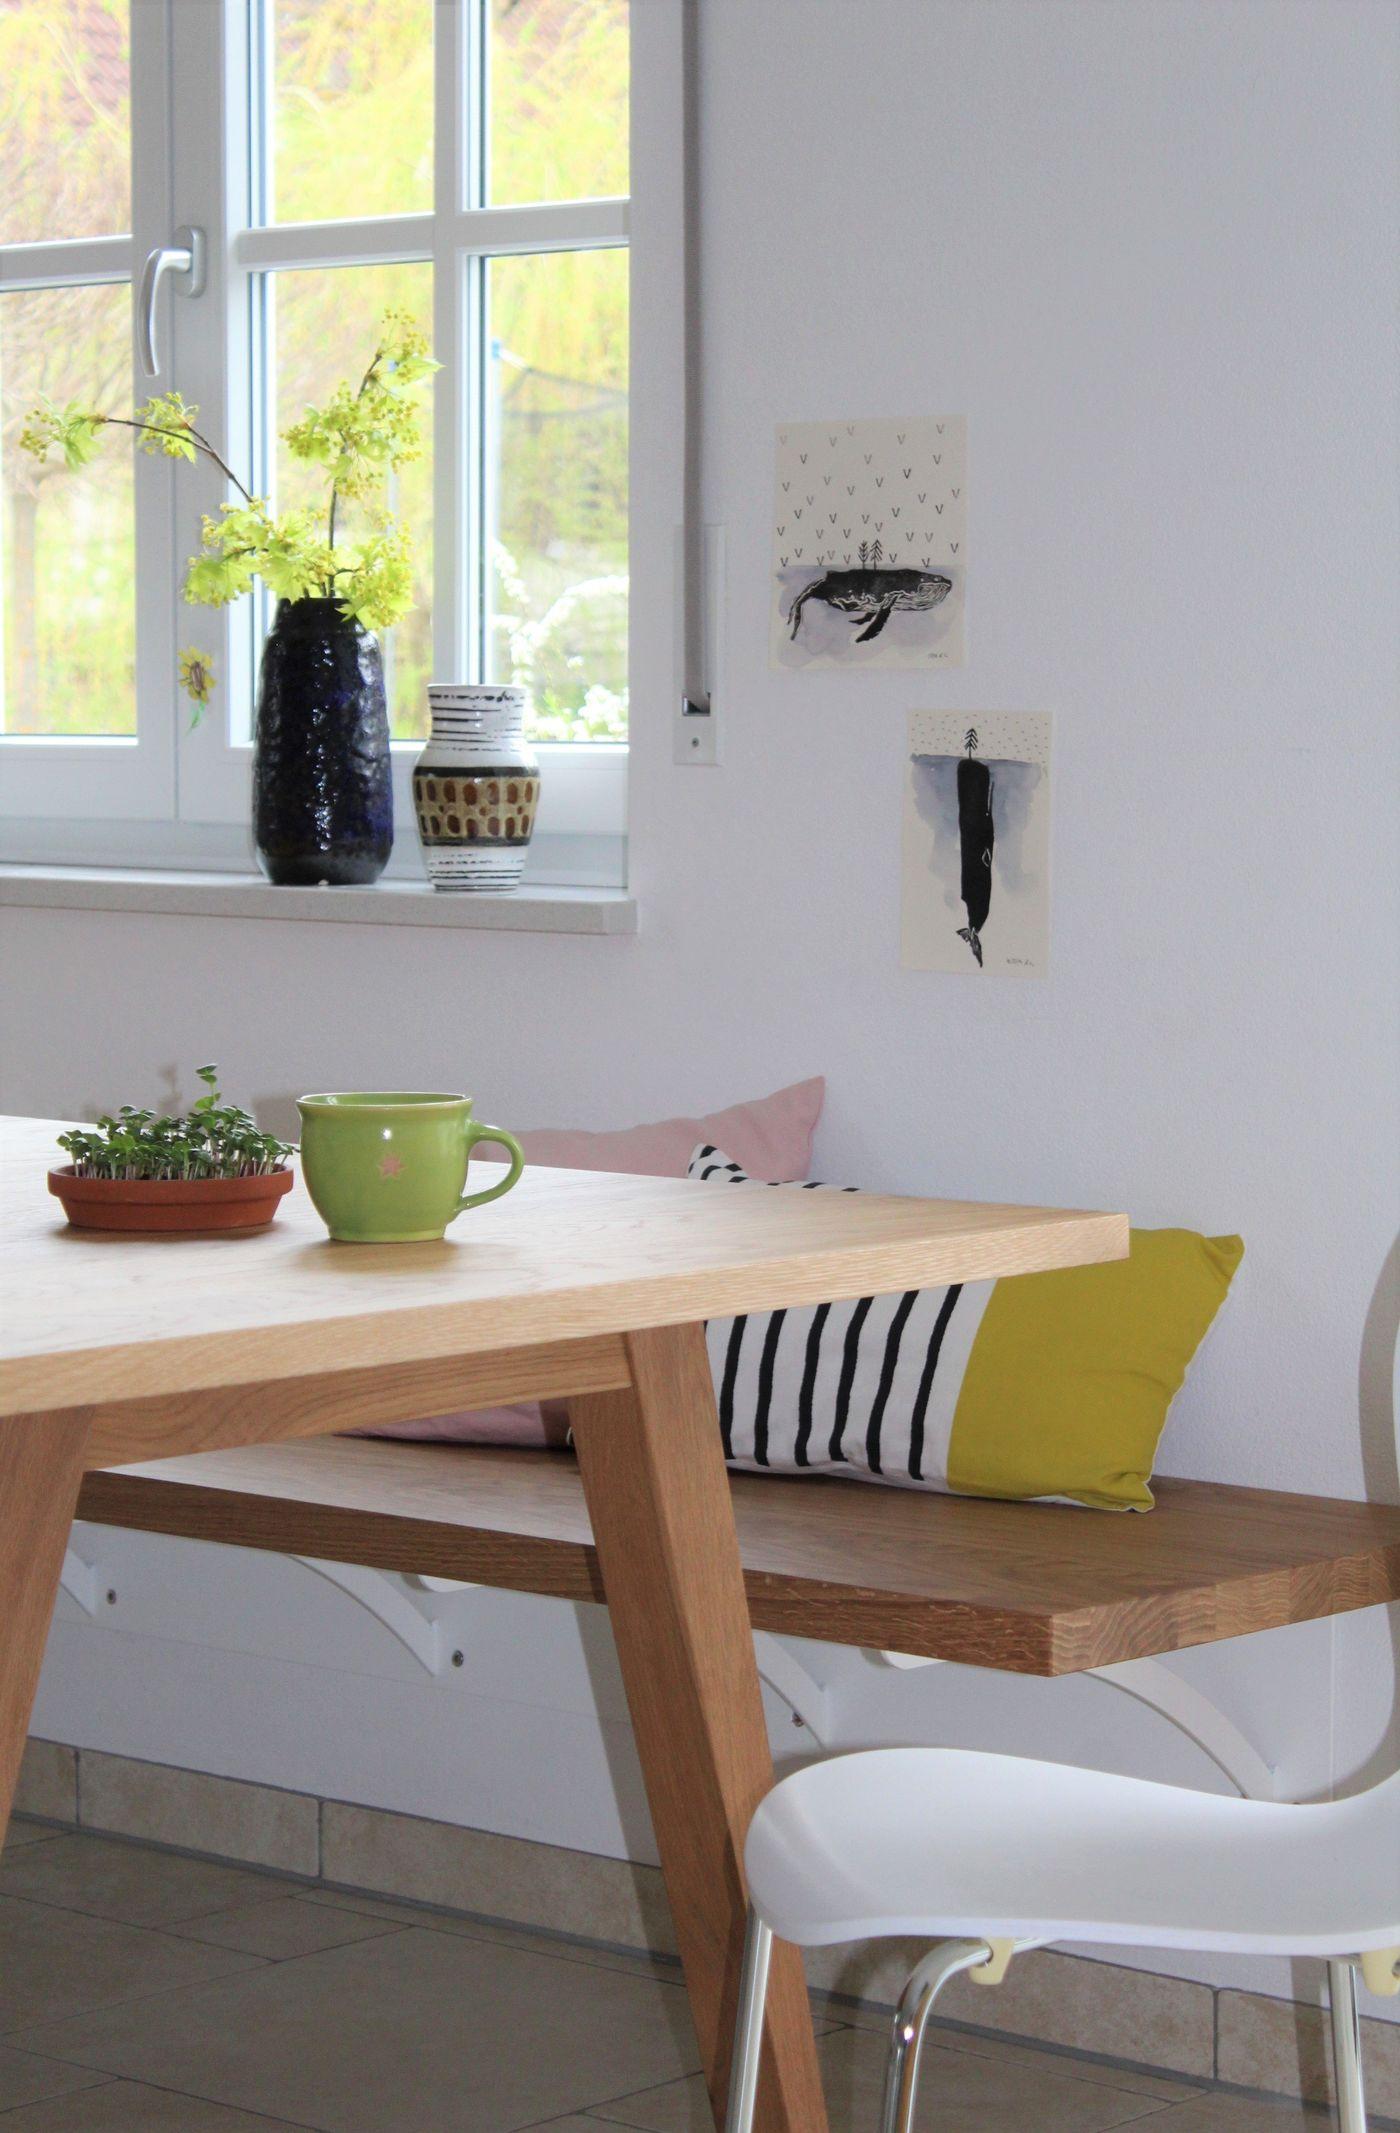 Full Size of Ikea Küchenbank Kchenbank Ideen Bilder Betten 160x200 Sofa Mit Schlaffunktion Küche Kosten Kaufen Miniküche Modulküche Bei Wohnzimmer Ikea Küchenbank